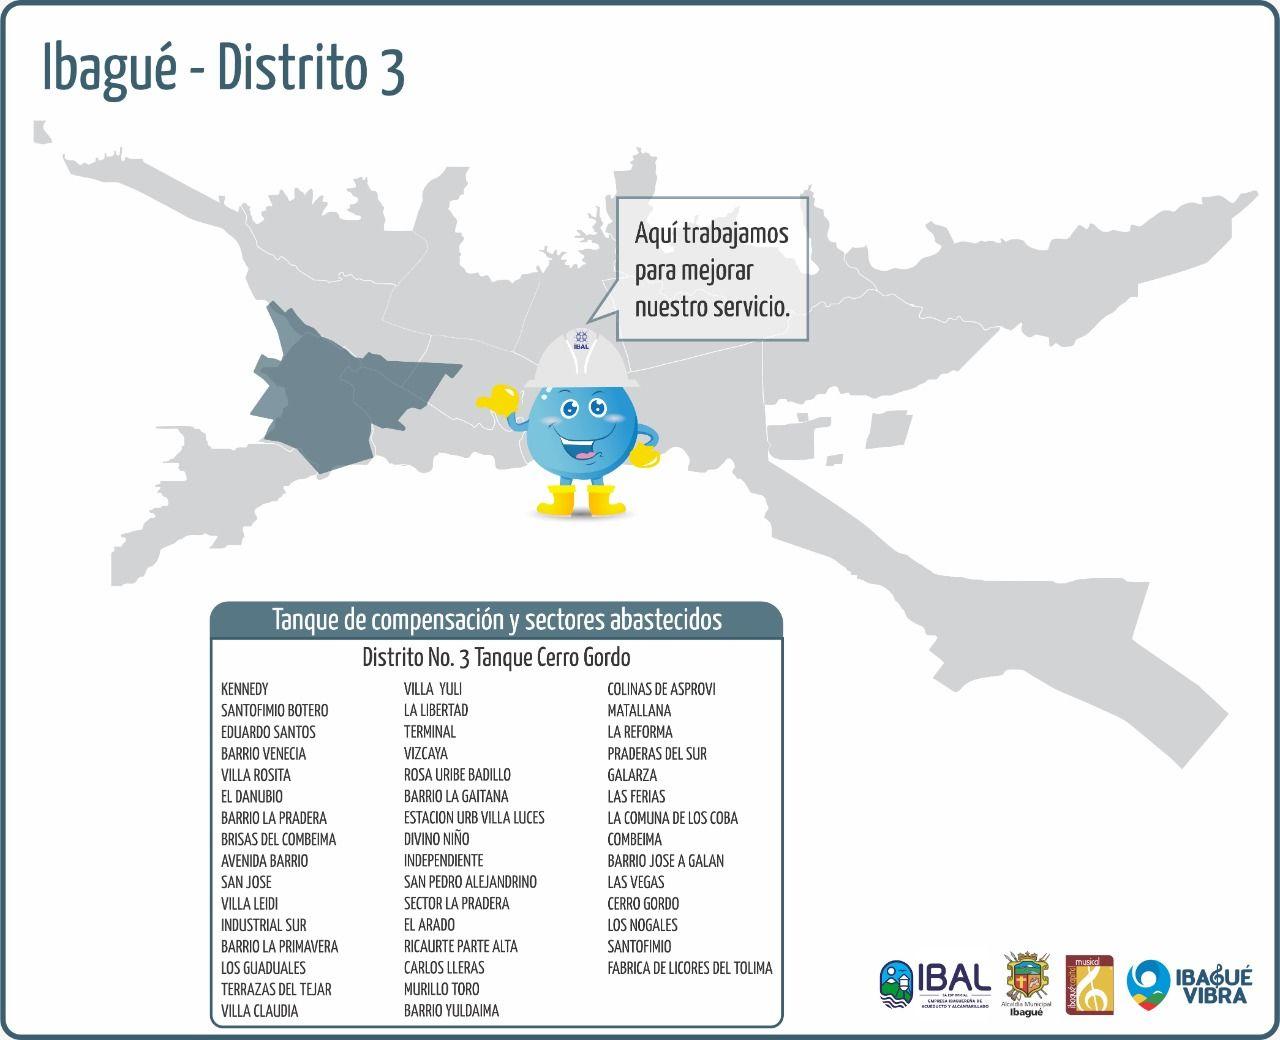 Conozca los 70 barrios de Ibagué que no tendrán agua este miércoles